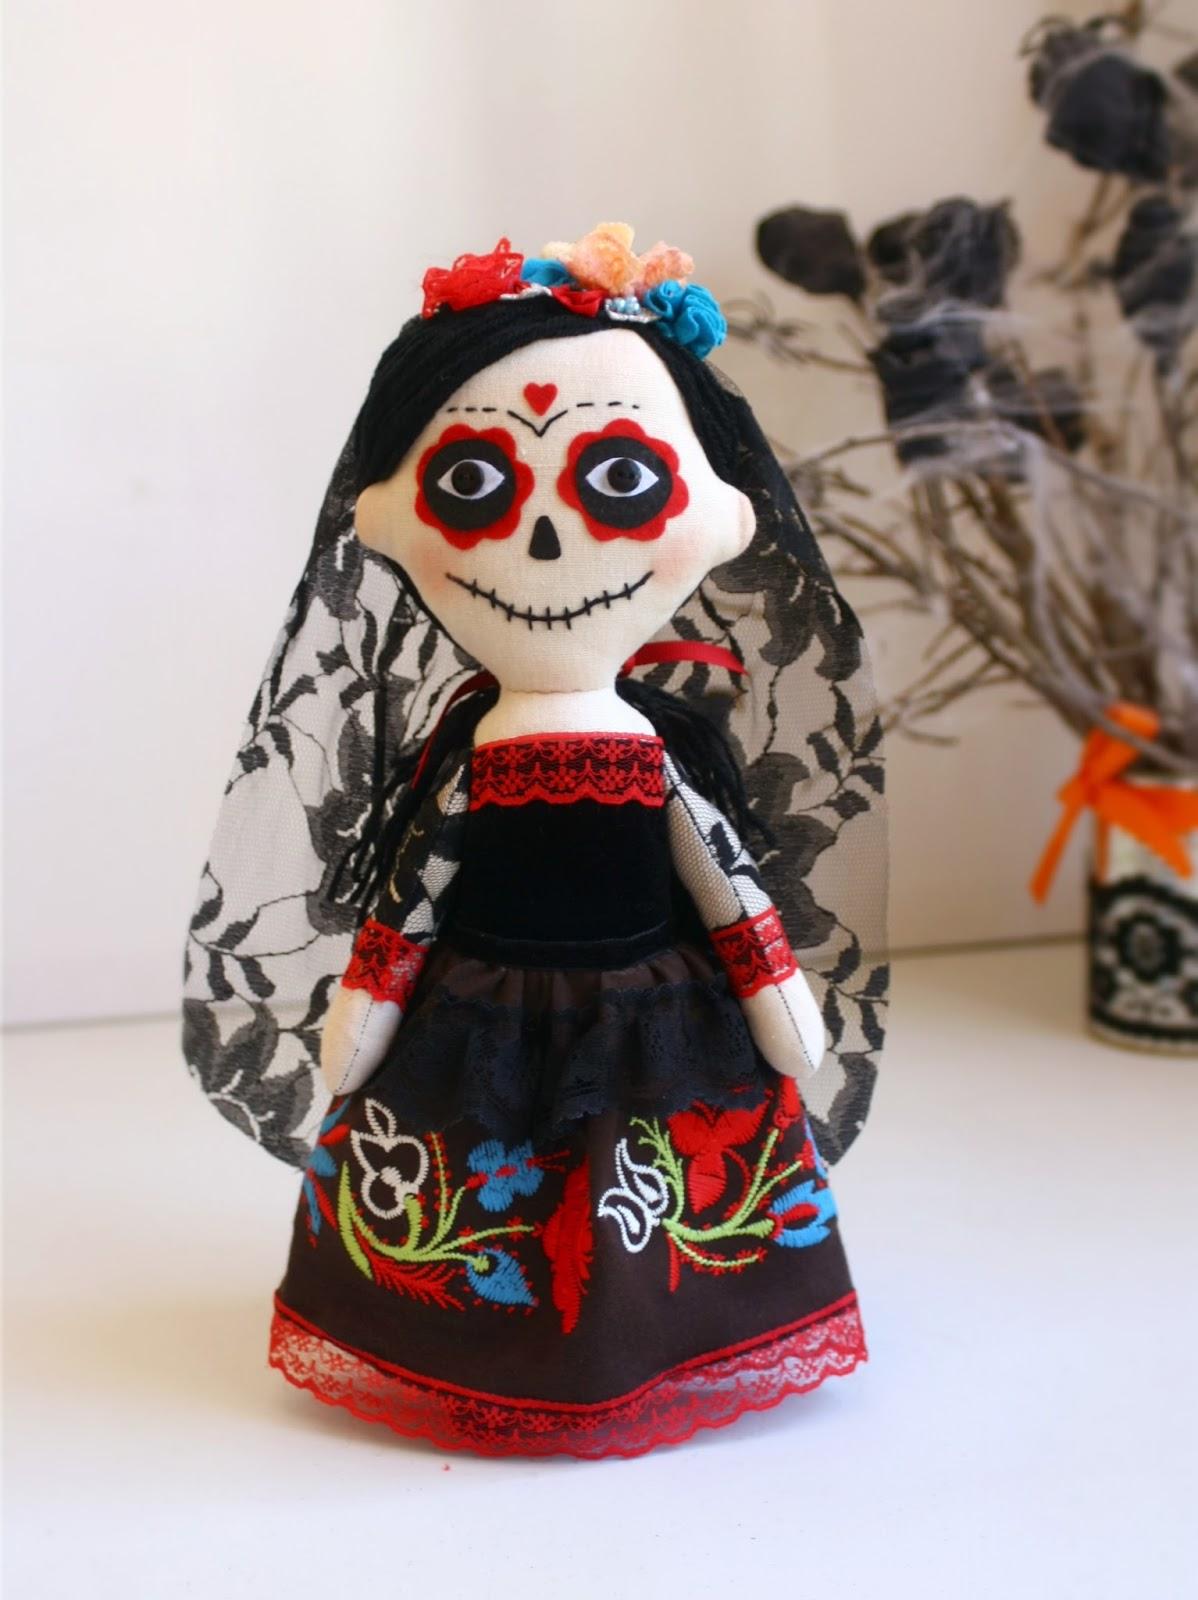 Muñeca artística La Catrina mexicana, día de los muertos, halloween.